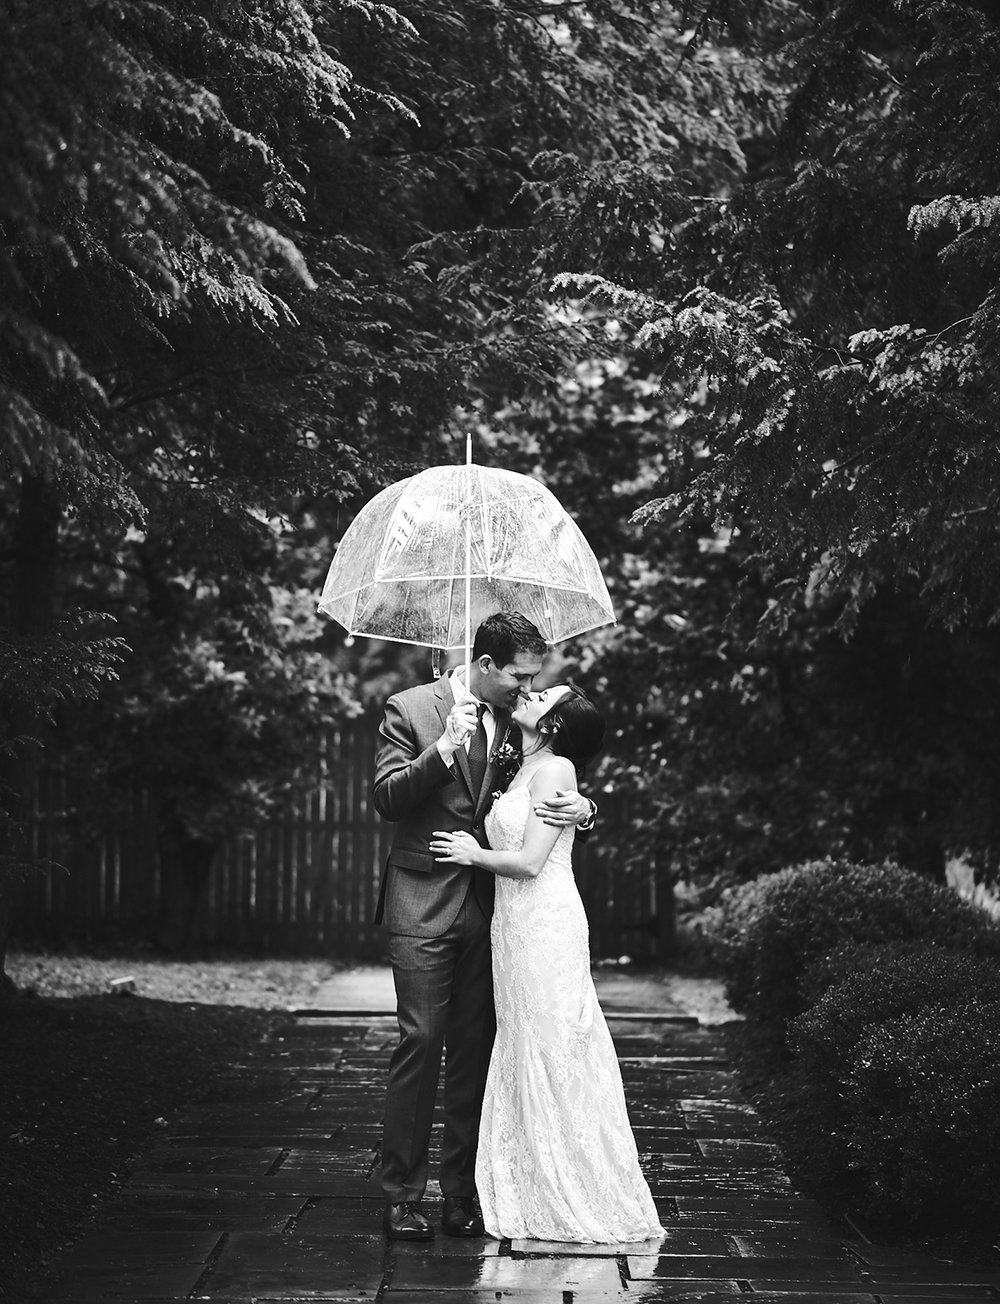 180610_TheRylandInnWeddingPhotography_RainyWeddingPhotography_By_BriJohnsonWeddings_0126.jpg